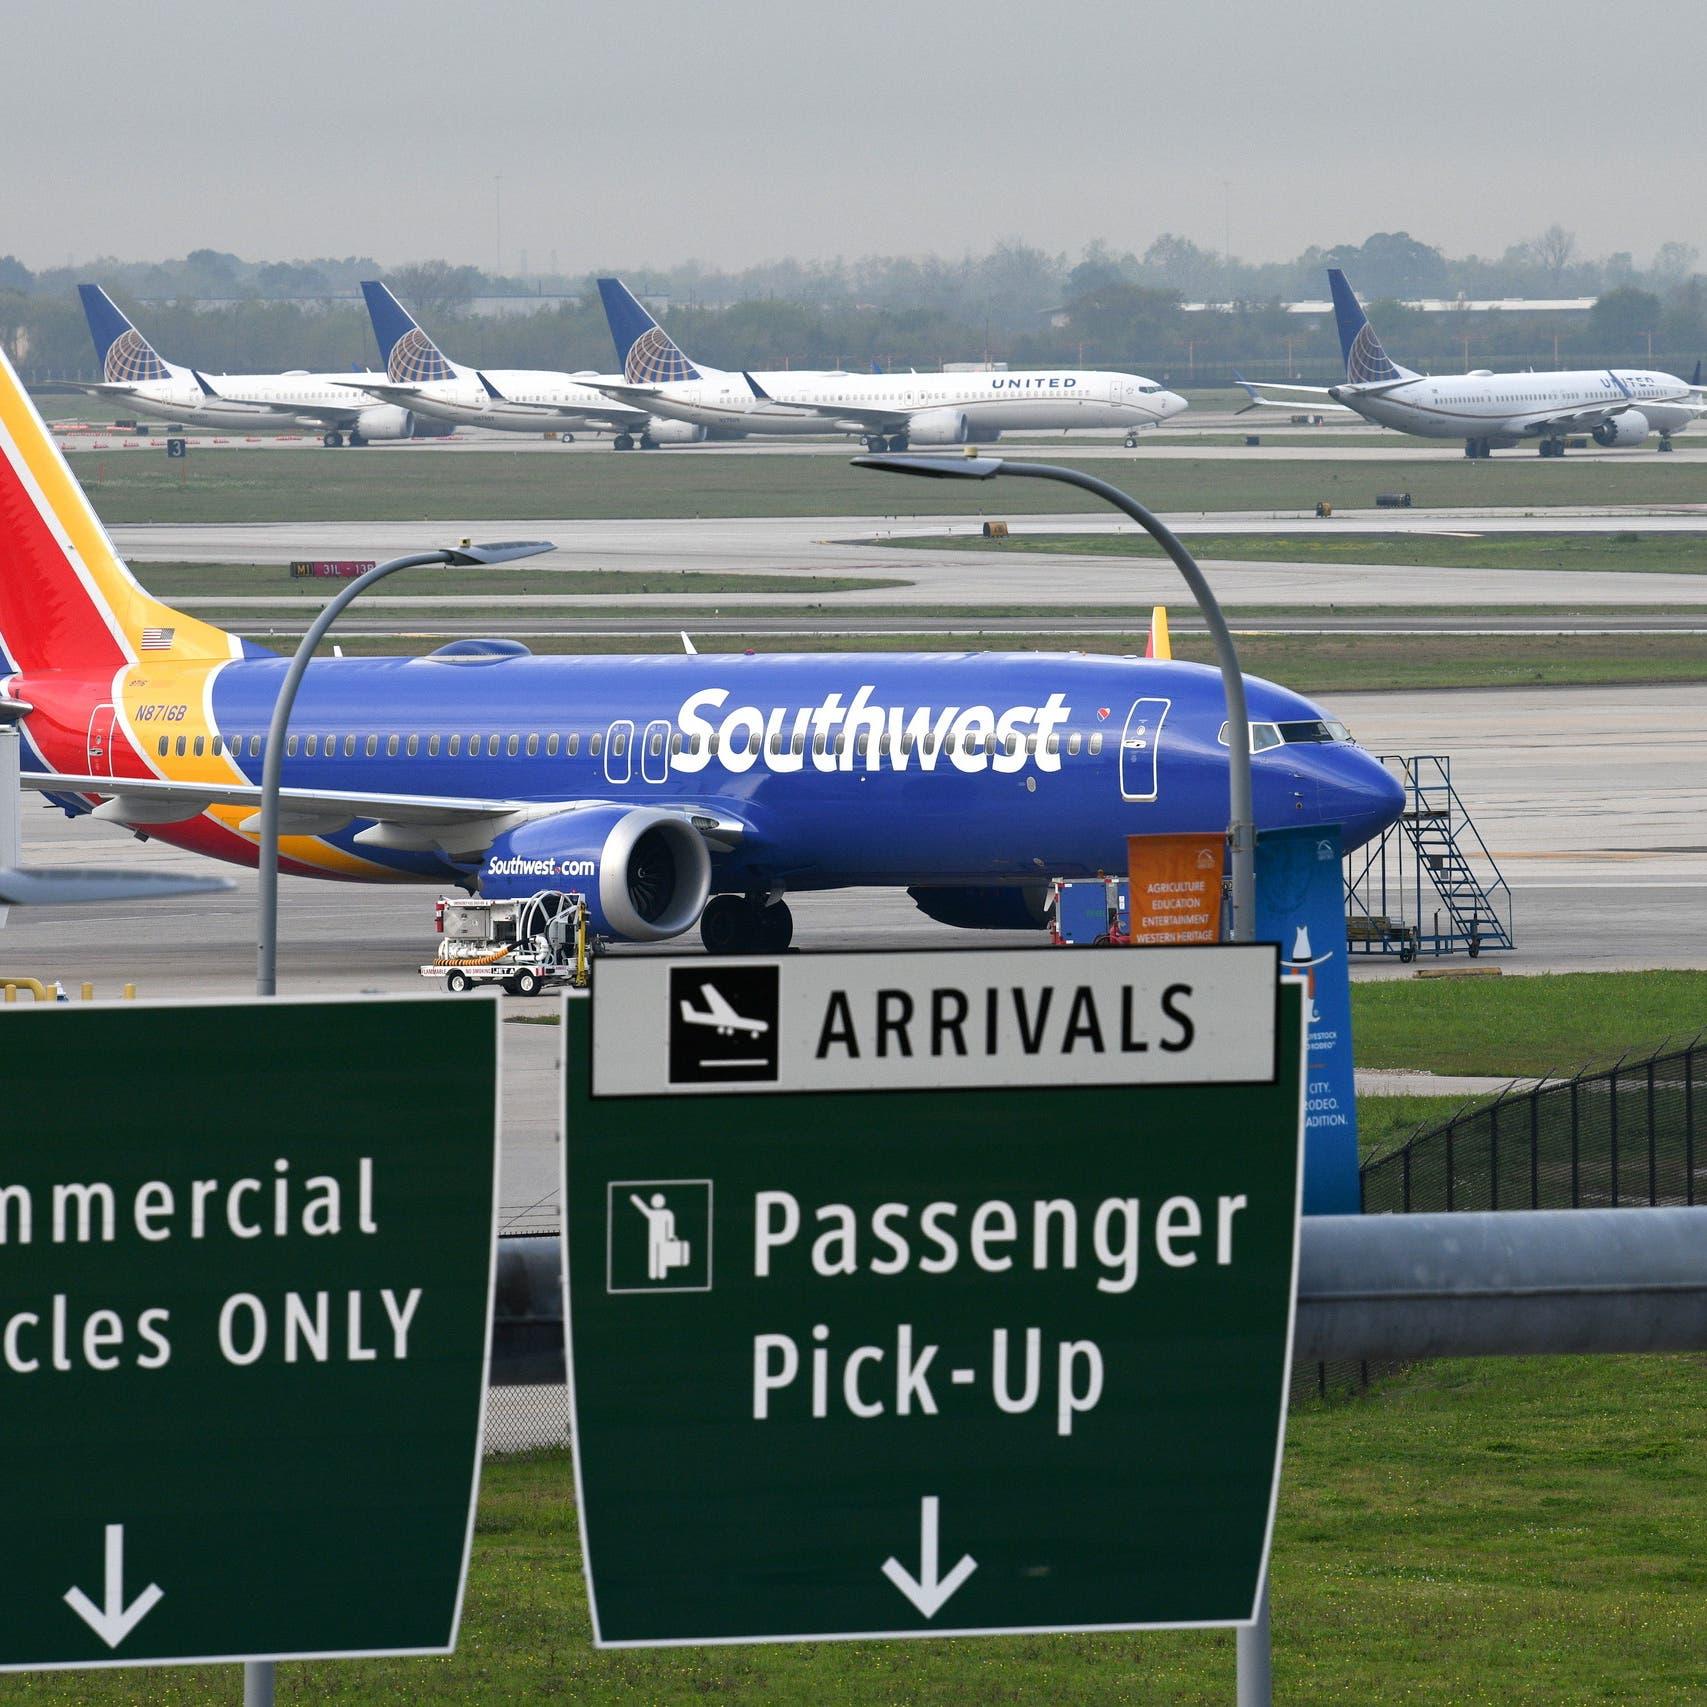 أكبر شركة طيران منخفضالتكلفةتلغي 1000 رحلة.. في يوم واحد!